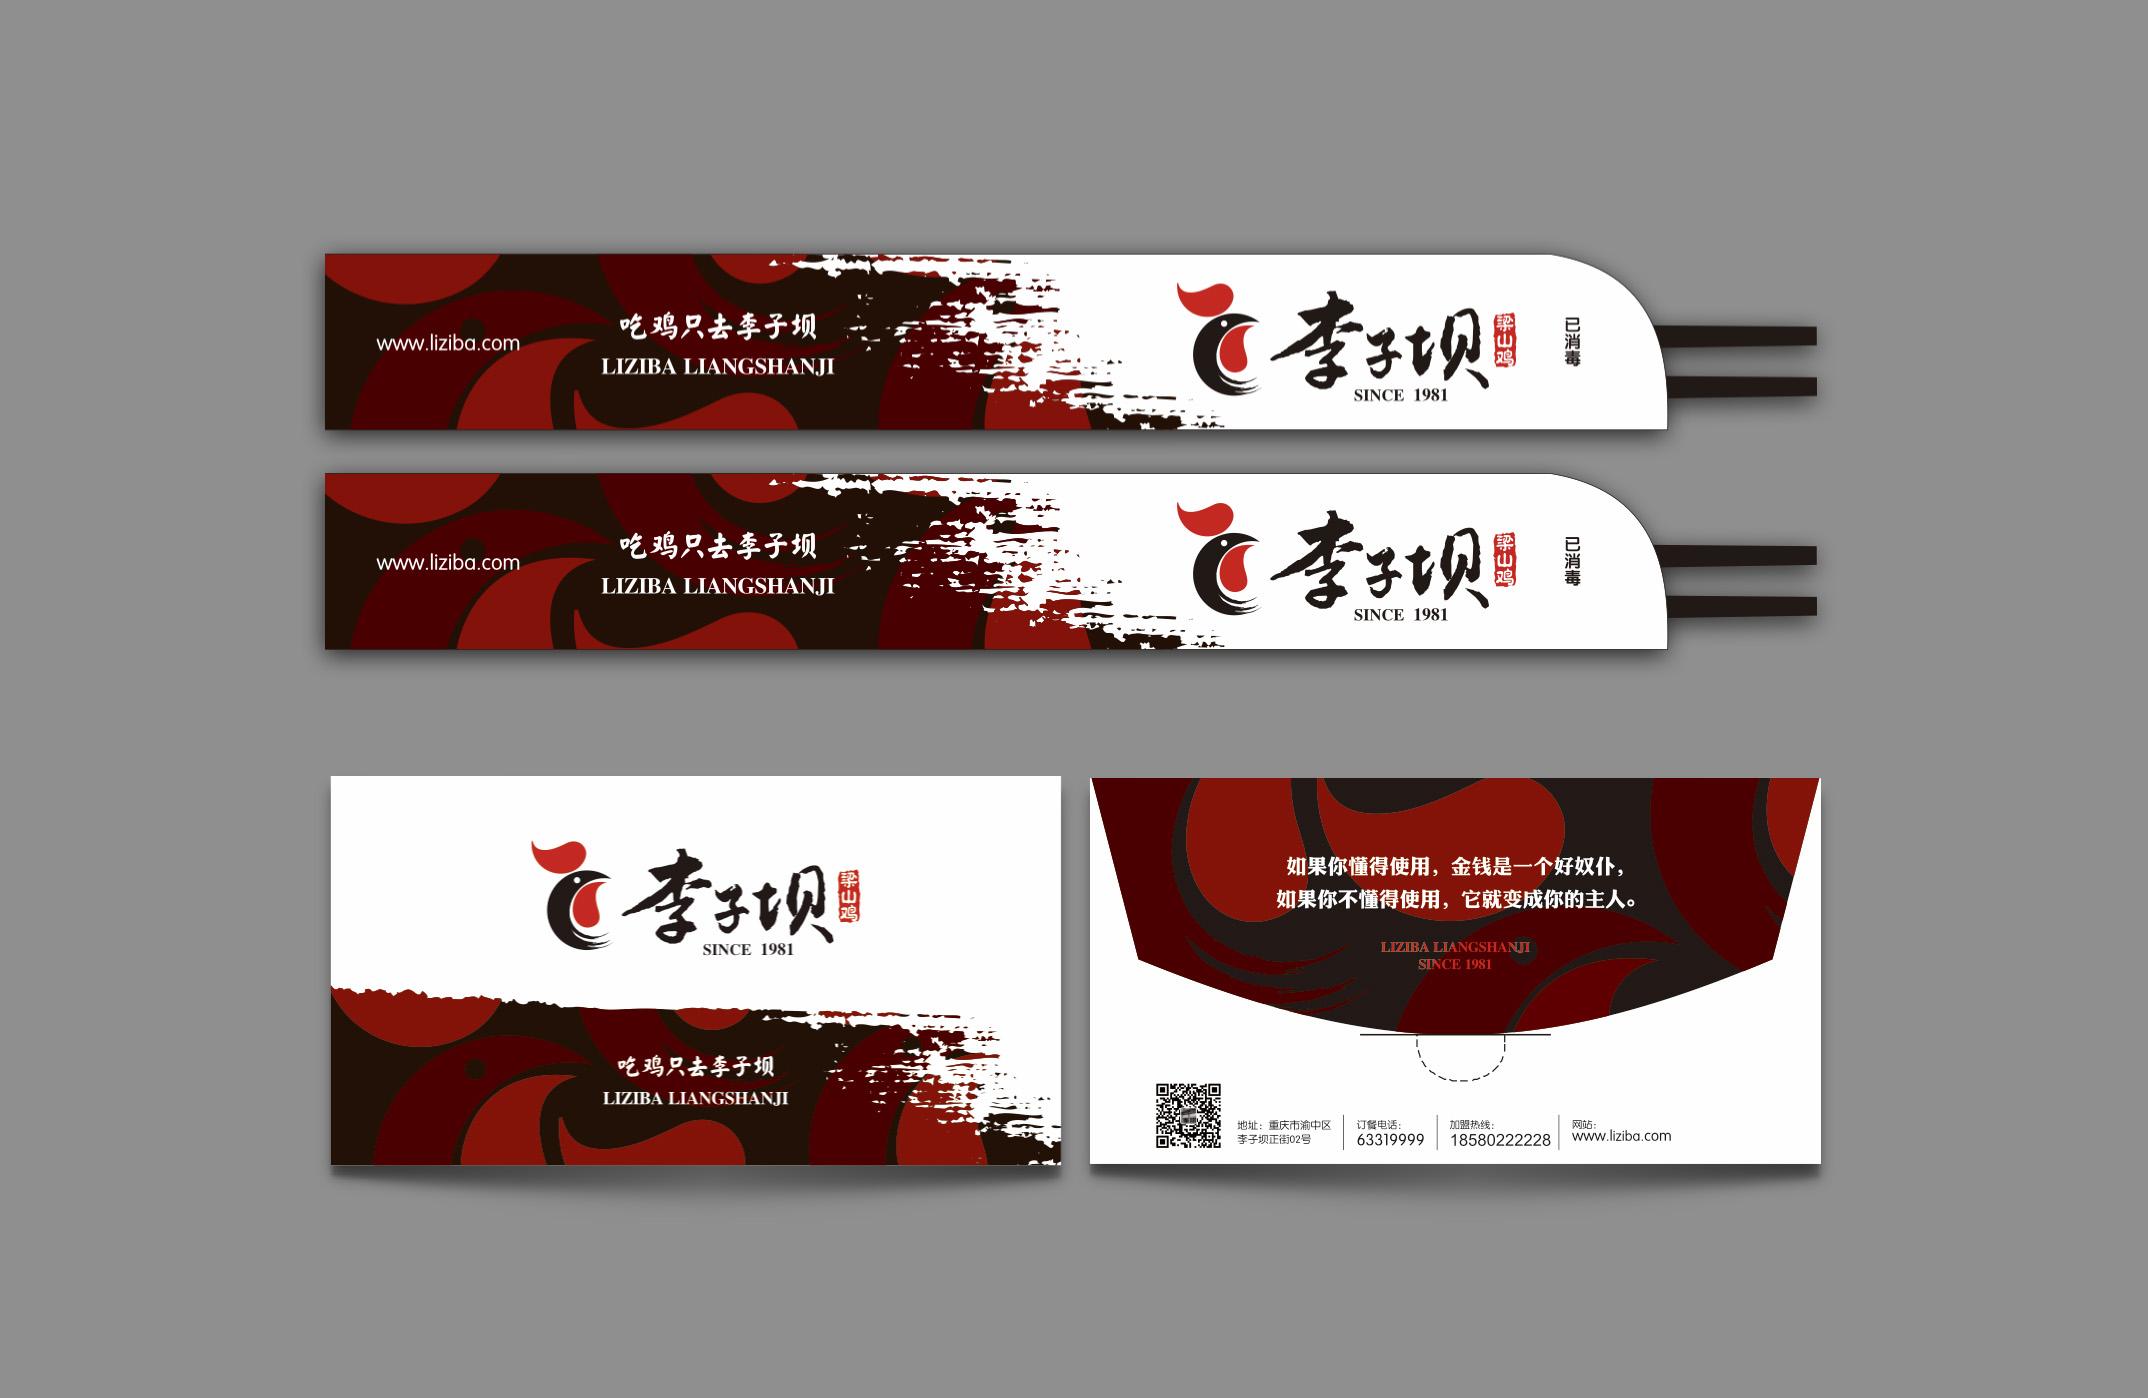 李子坝梁山鸡品牌设计VI-1